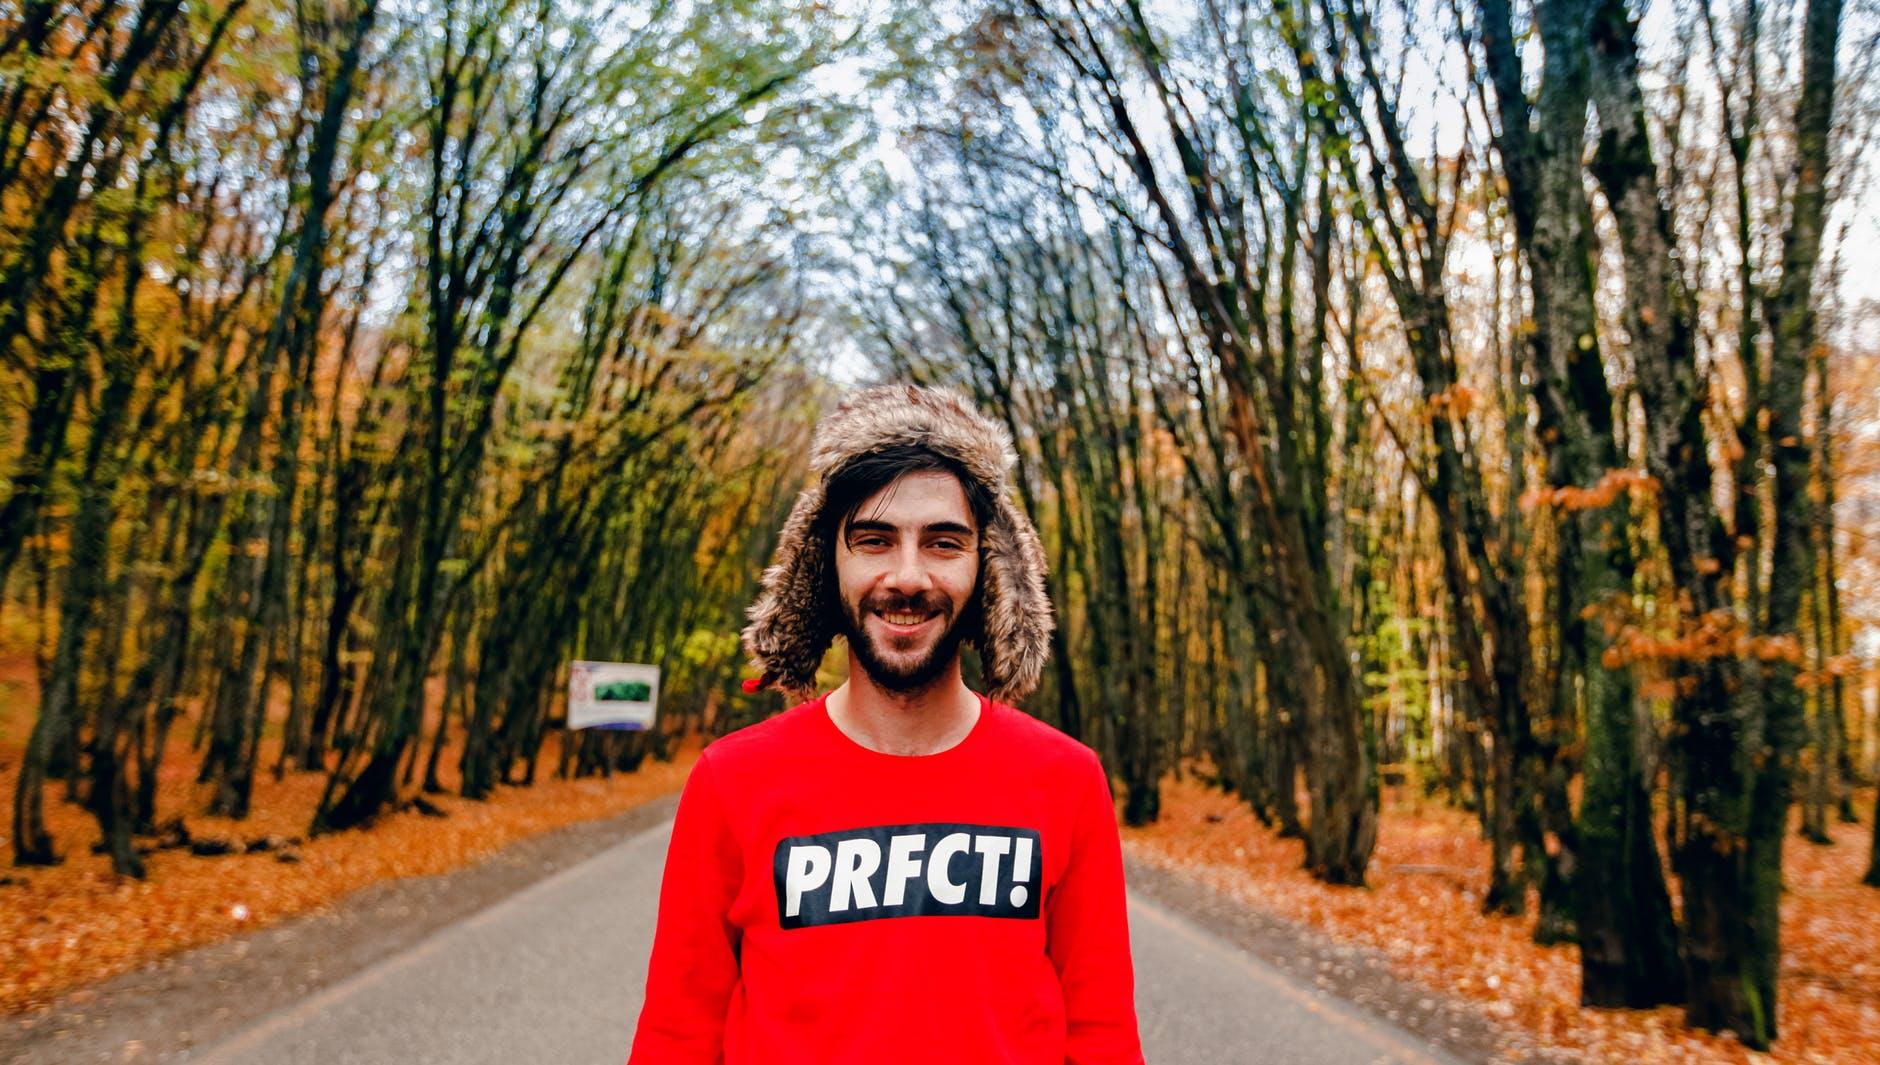 man person portrait autumn